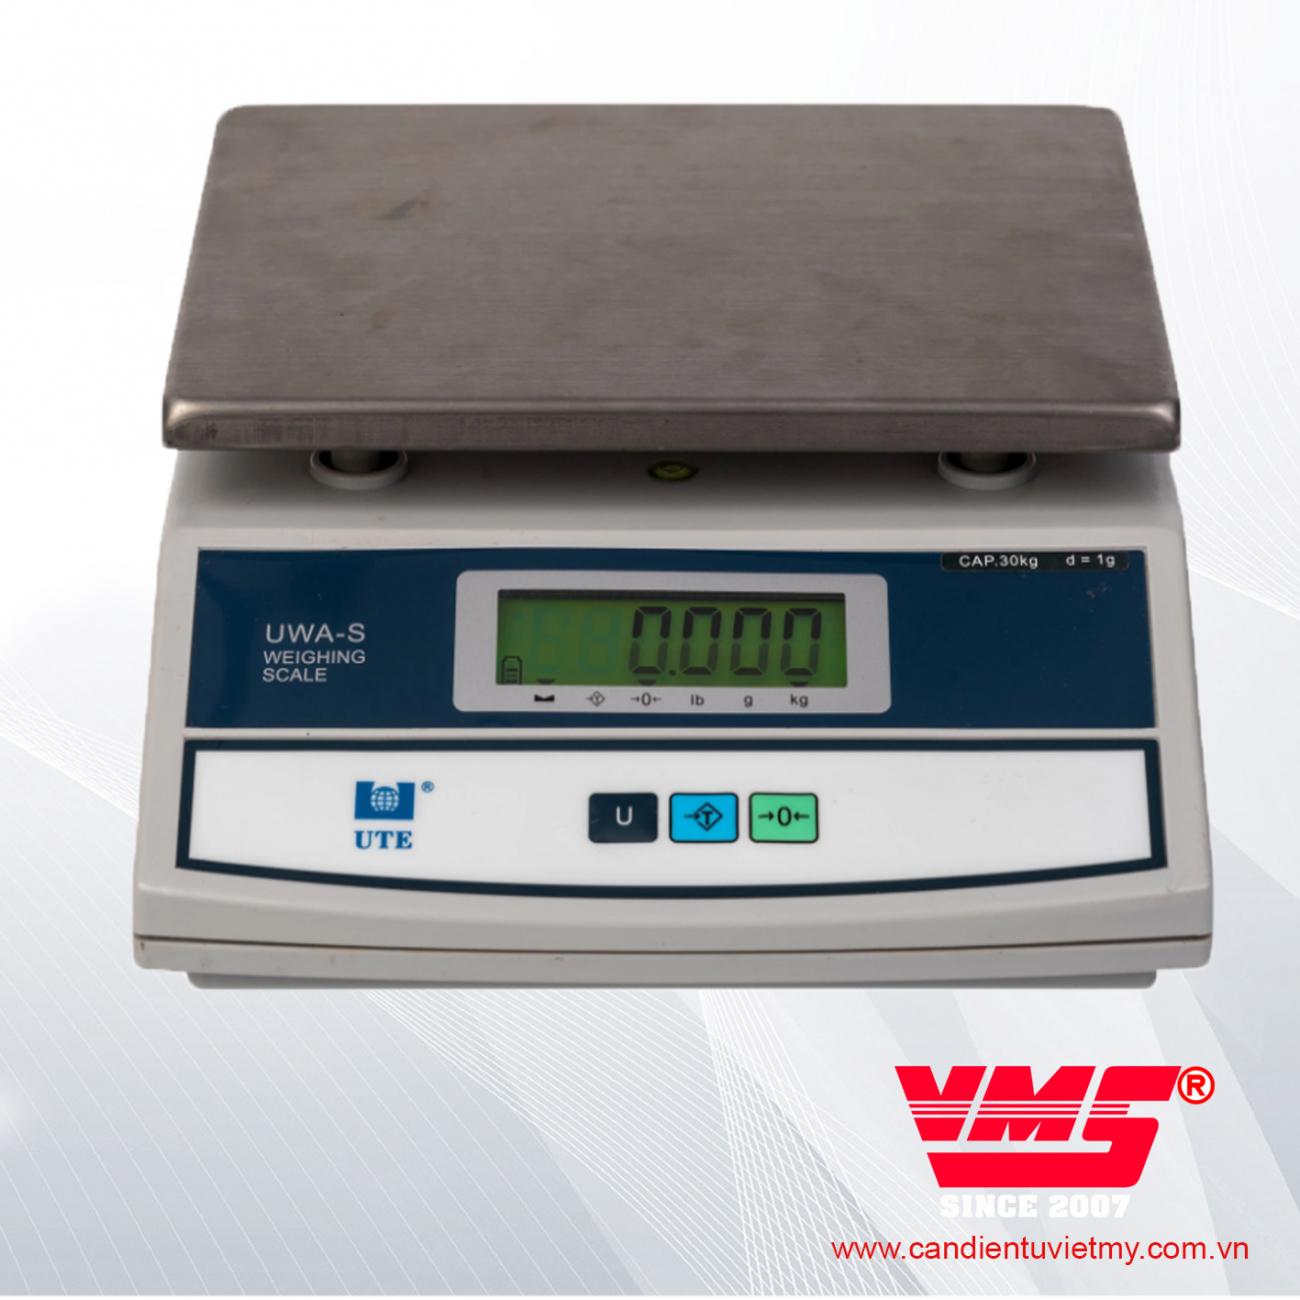 CÂN ĐIỆN TỬ UWA-S 30kg slide 0